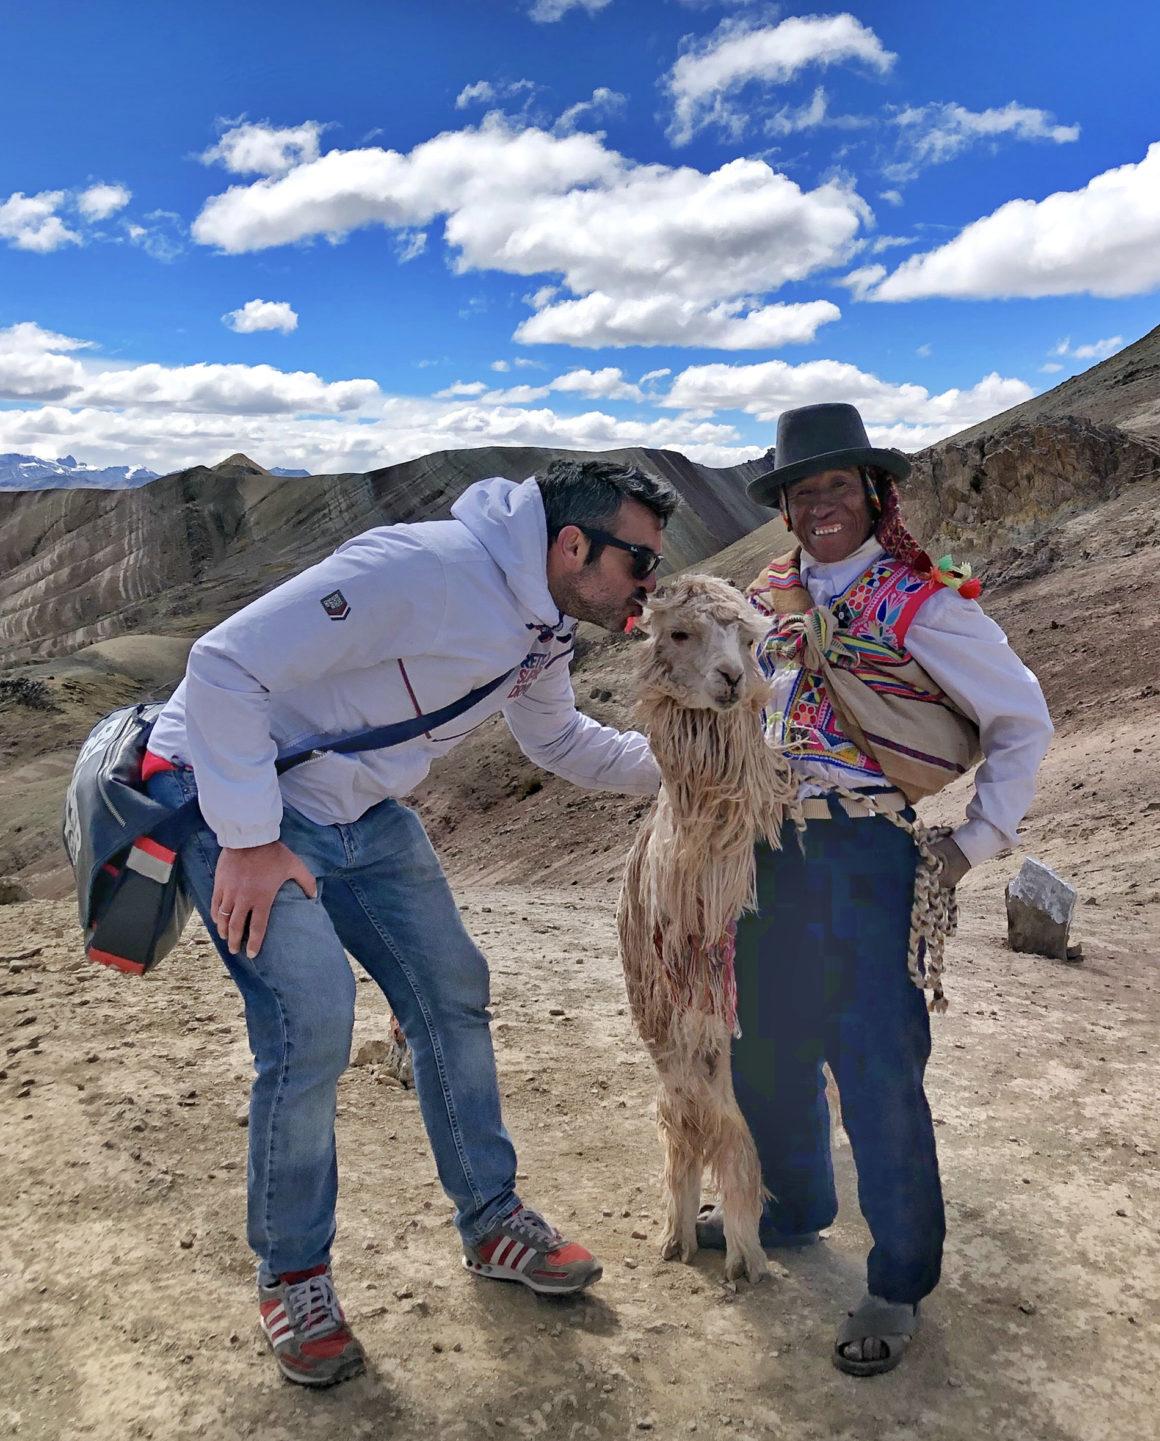 Ruta por Perú en dos semanas ruta por perú en dos semanas - OHTBE7228 1160x1441 - Nuestra Ruta por Perú en dos semanas : Diario de Viaje a Perú